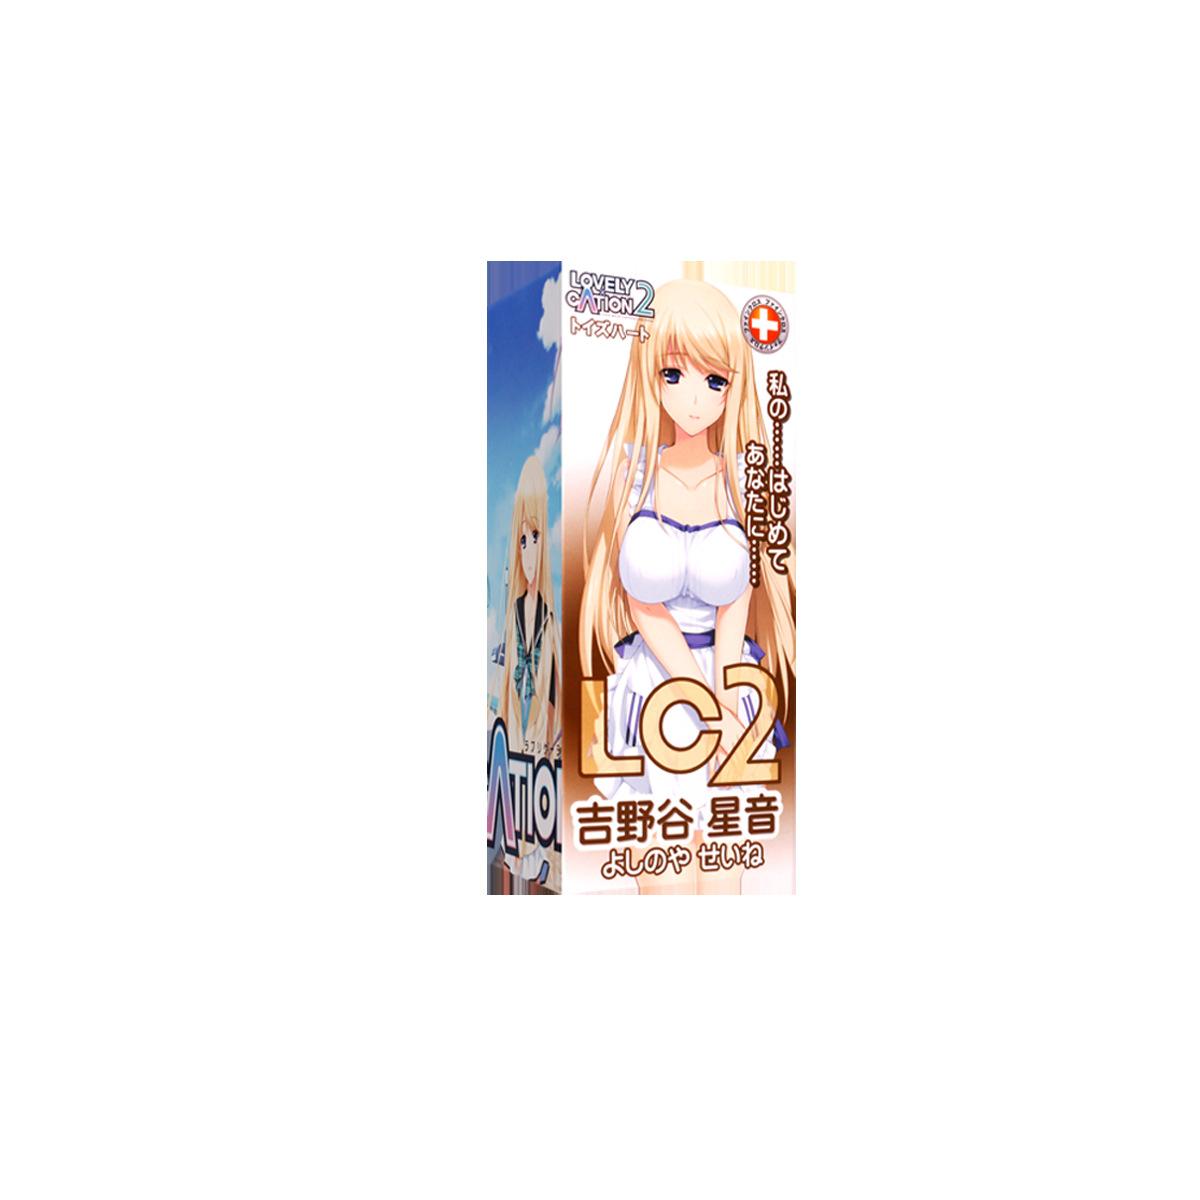 成人情趣恋爱物语LC2名器倒模男用飞机杯自慰器-美咻咻商城